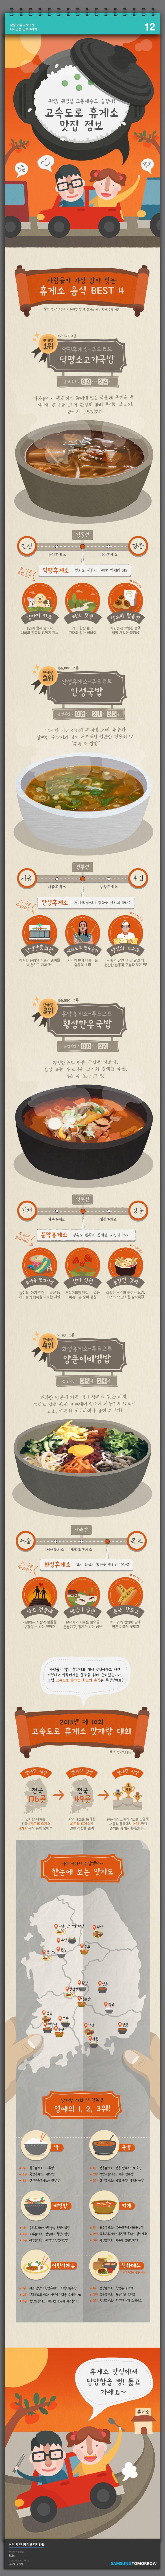 추석 귀성길, 전국 휴게소 '최고의 맛집은 어디?'에 관한 인포그래픽